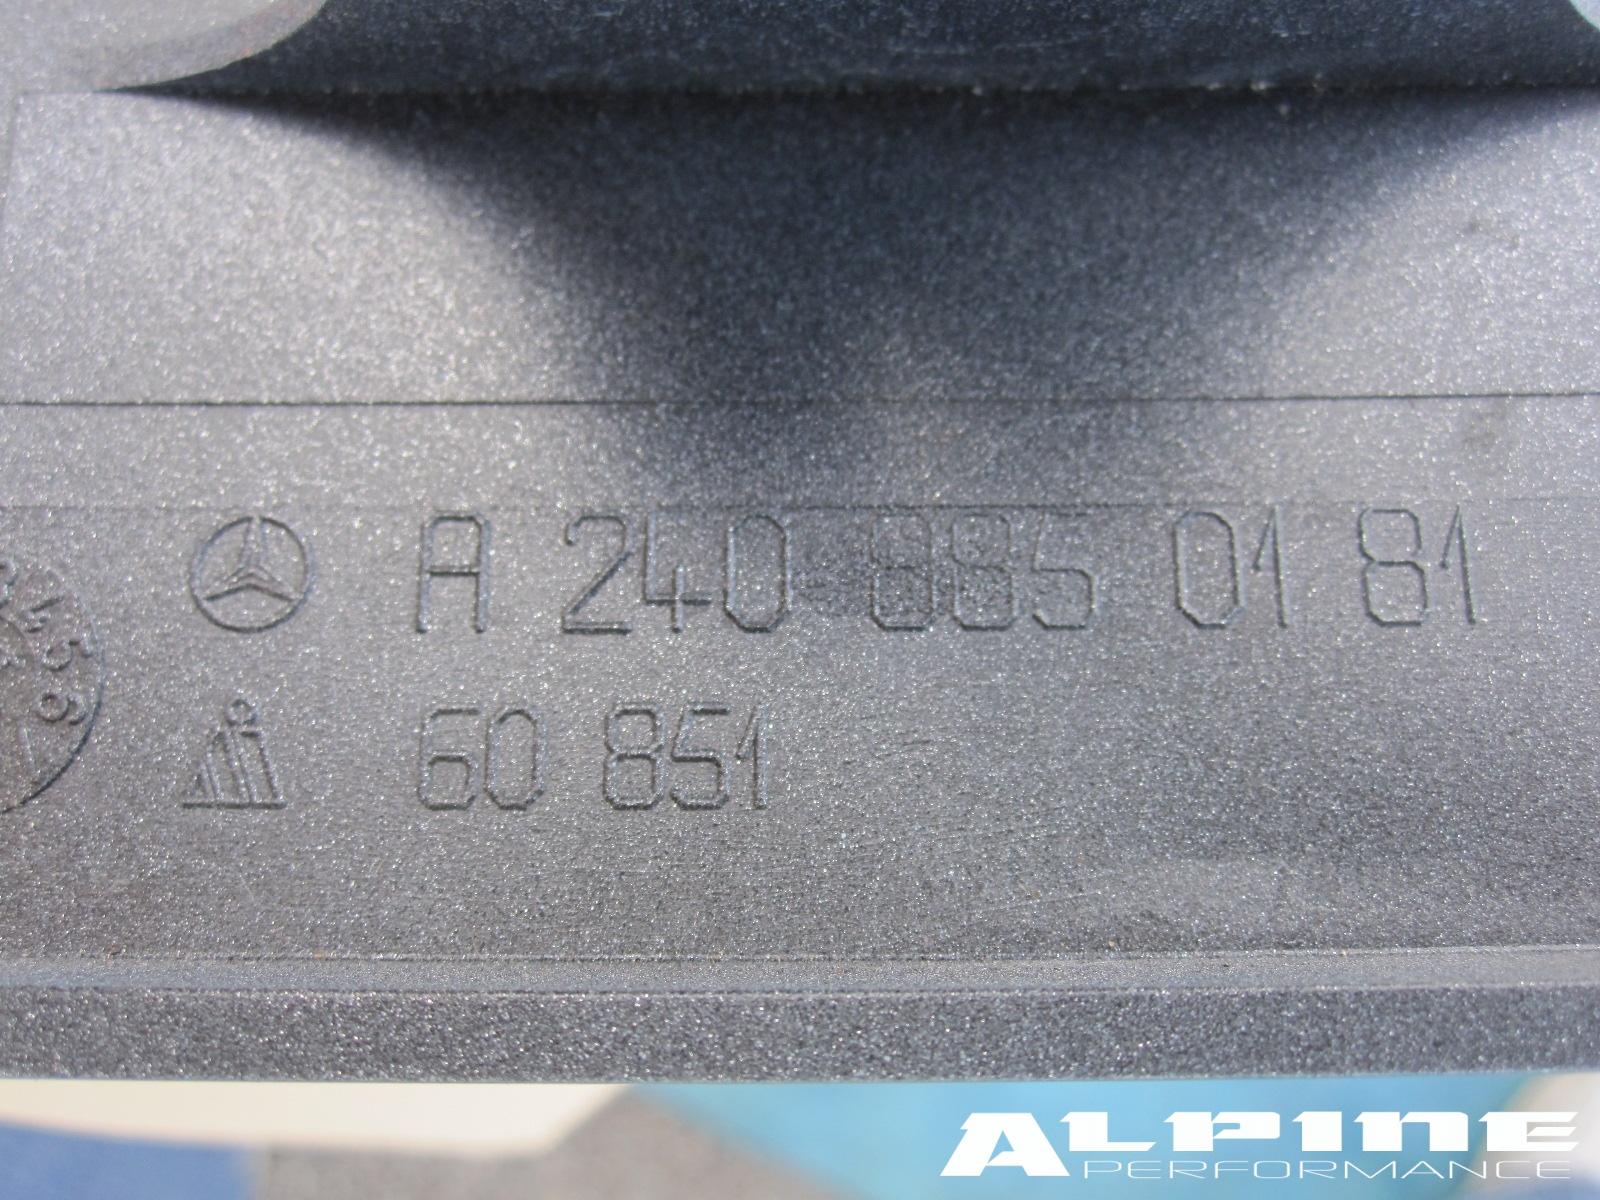 Origianal 03 06 Merecedes S Class S350 S430 S500 S600